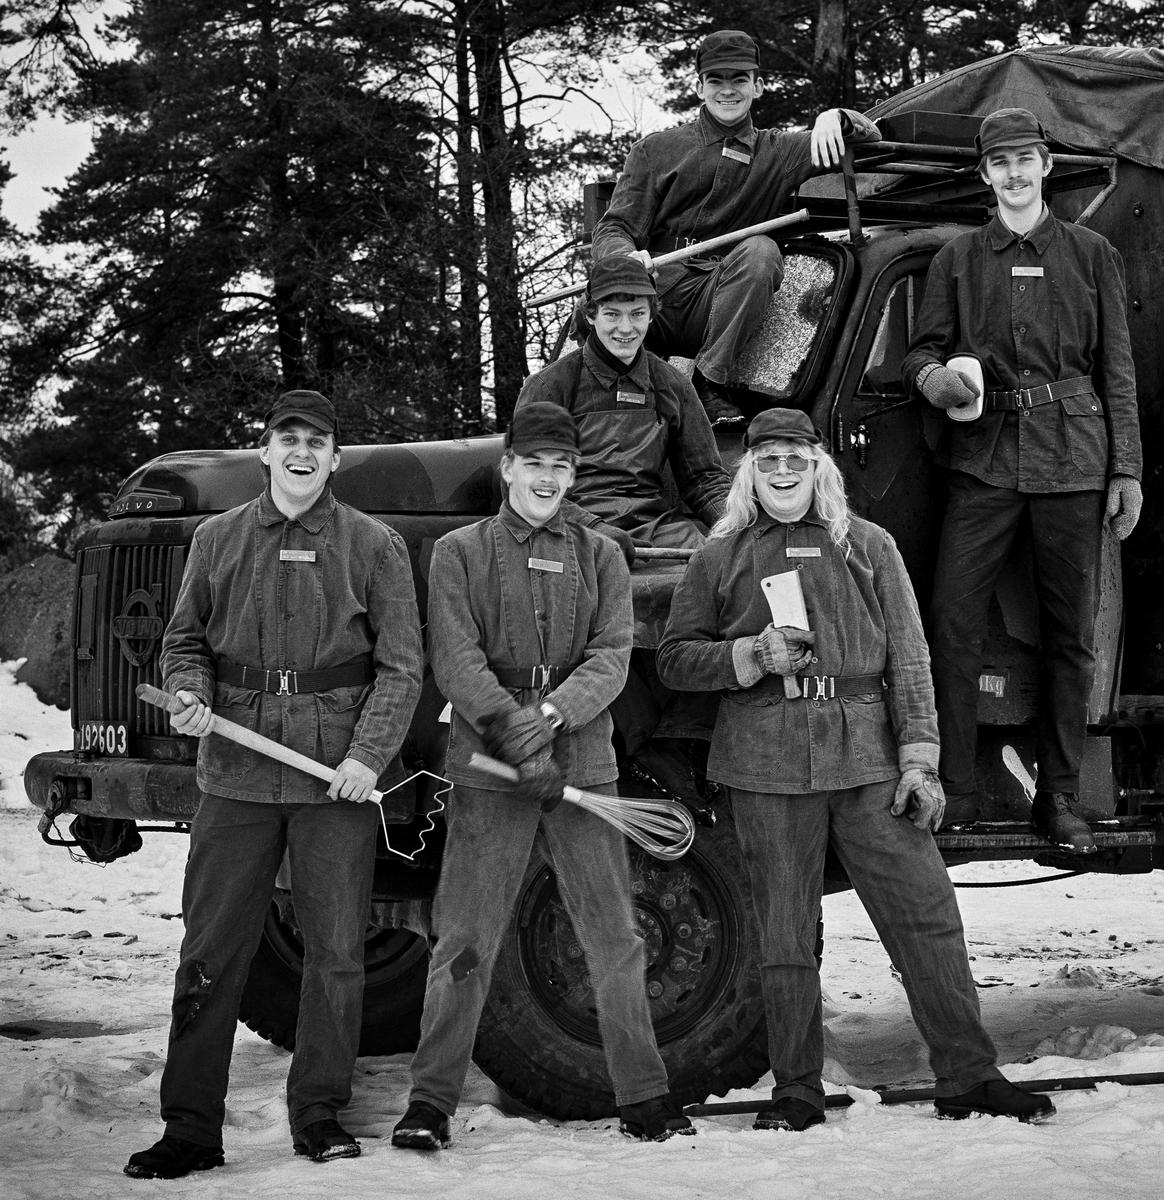 Vikingaberget, 5 december 1985   Förplägnadsplutonen vid utbildningsplatsen för kockar. Bild 1 och 2: Plutonchefen, löjtnant Christian Berglund längst t.v. Bild 3 till 6: Kokgrupper.  Fortsättning följer på ARSF.002275   Milregnr: 192603, 191852, 192827.